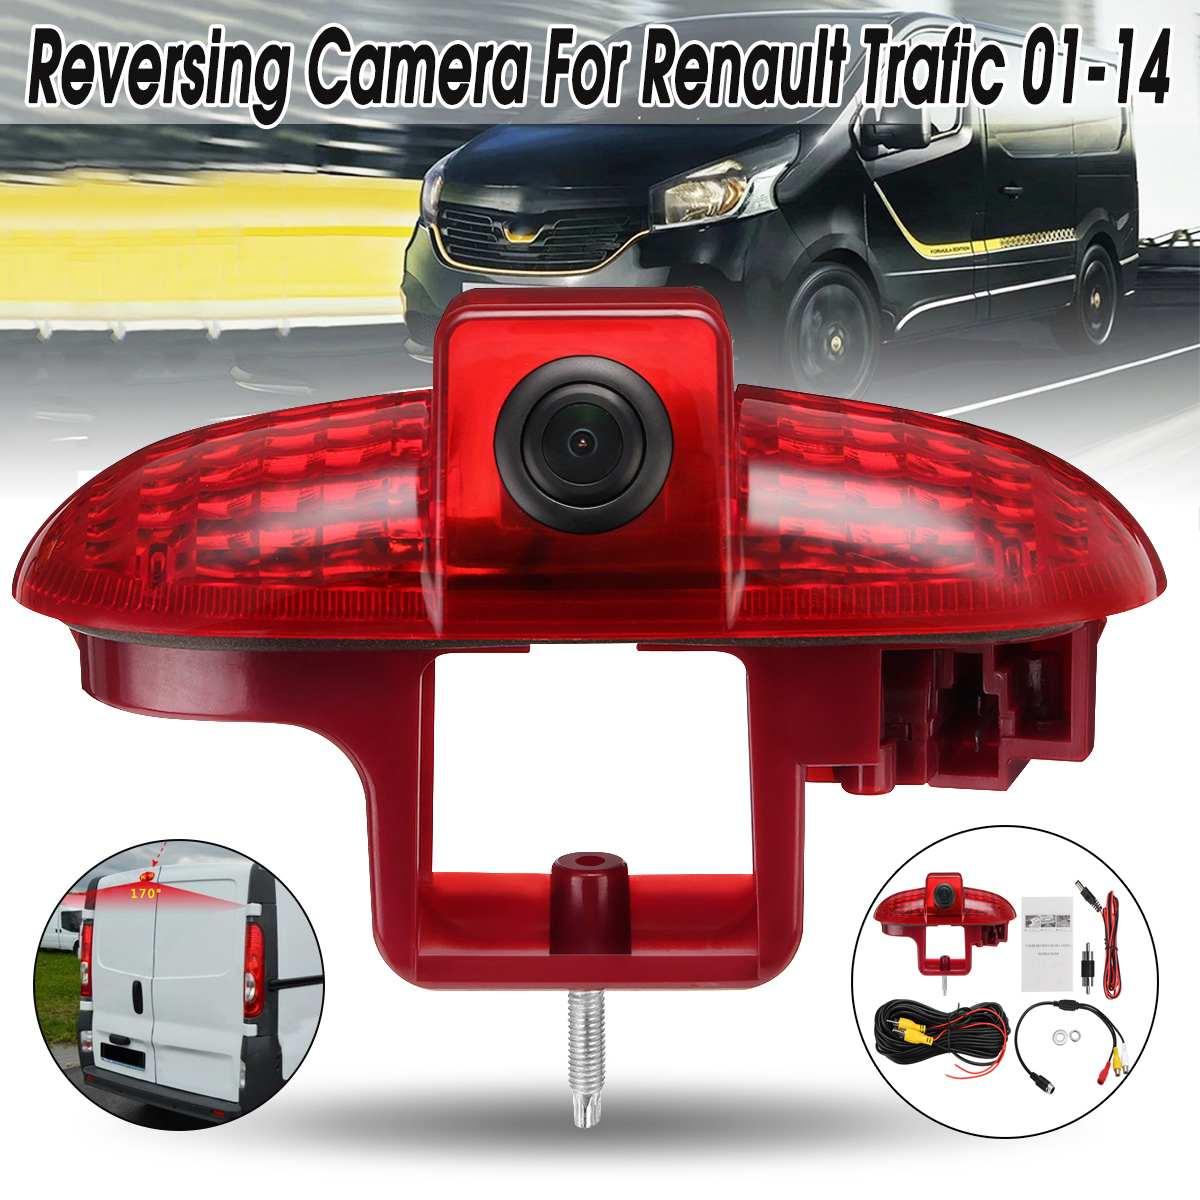 CCD HD Auto caméra de recul de voiture feu de stop LED de recul Vision nocturne pour Renault Trafic 2001-2014 Trafic Vauxhall Vivaro